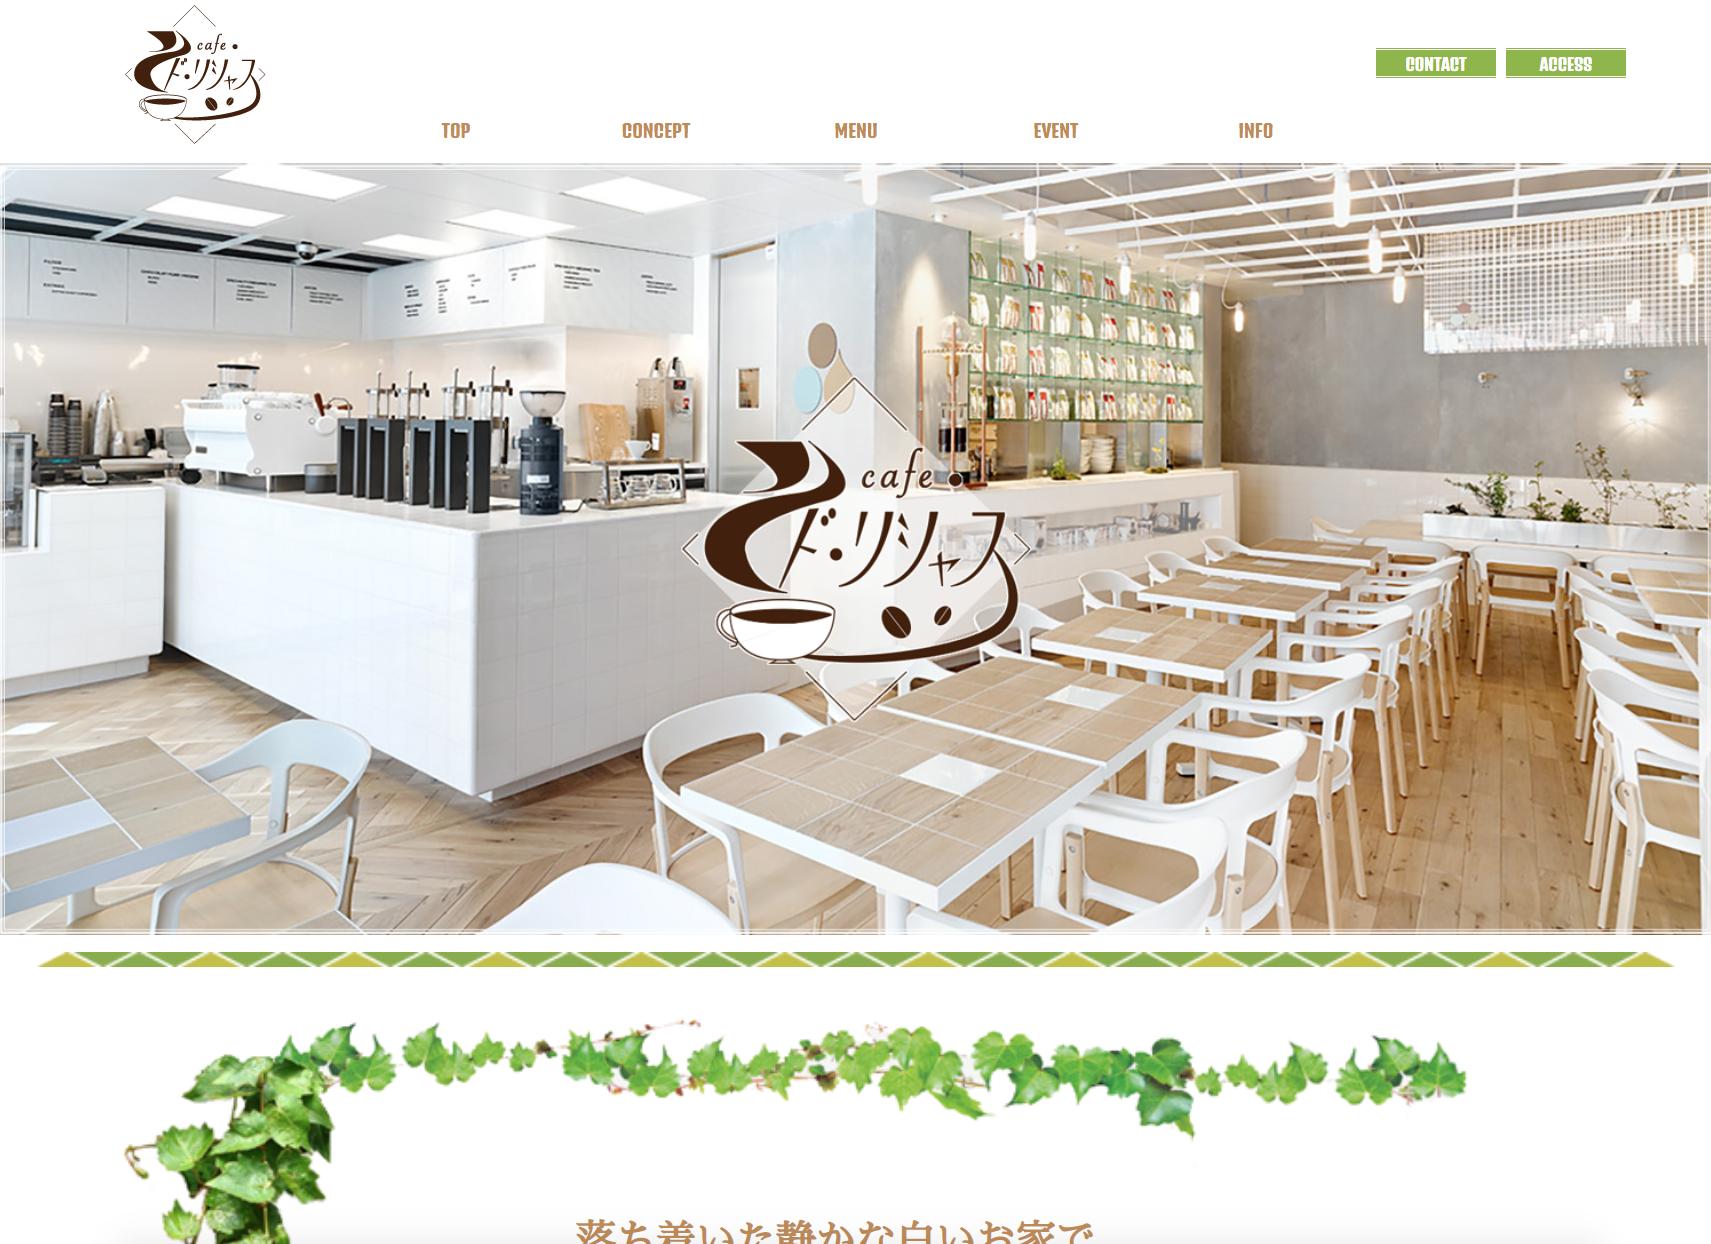 cafe・ド・リシャス